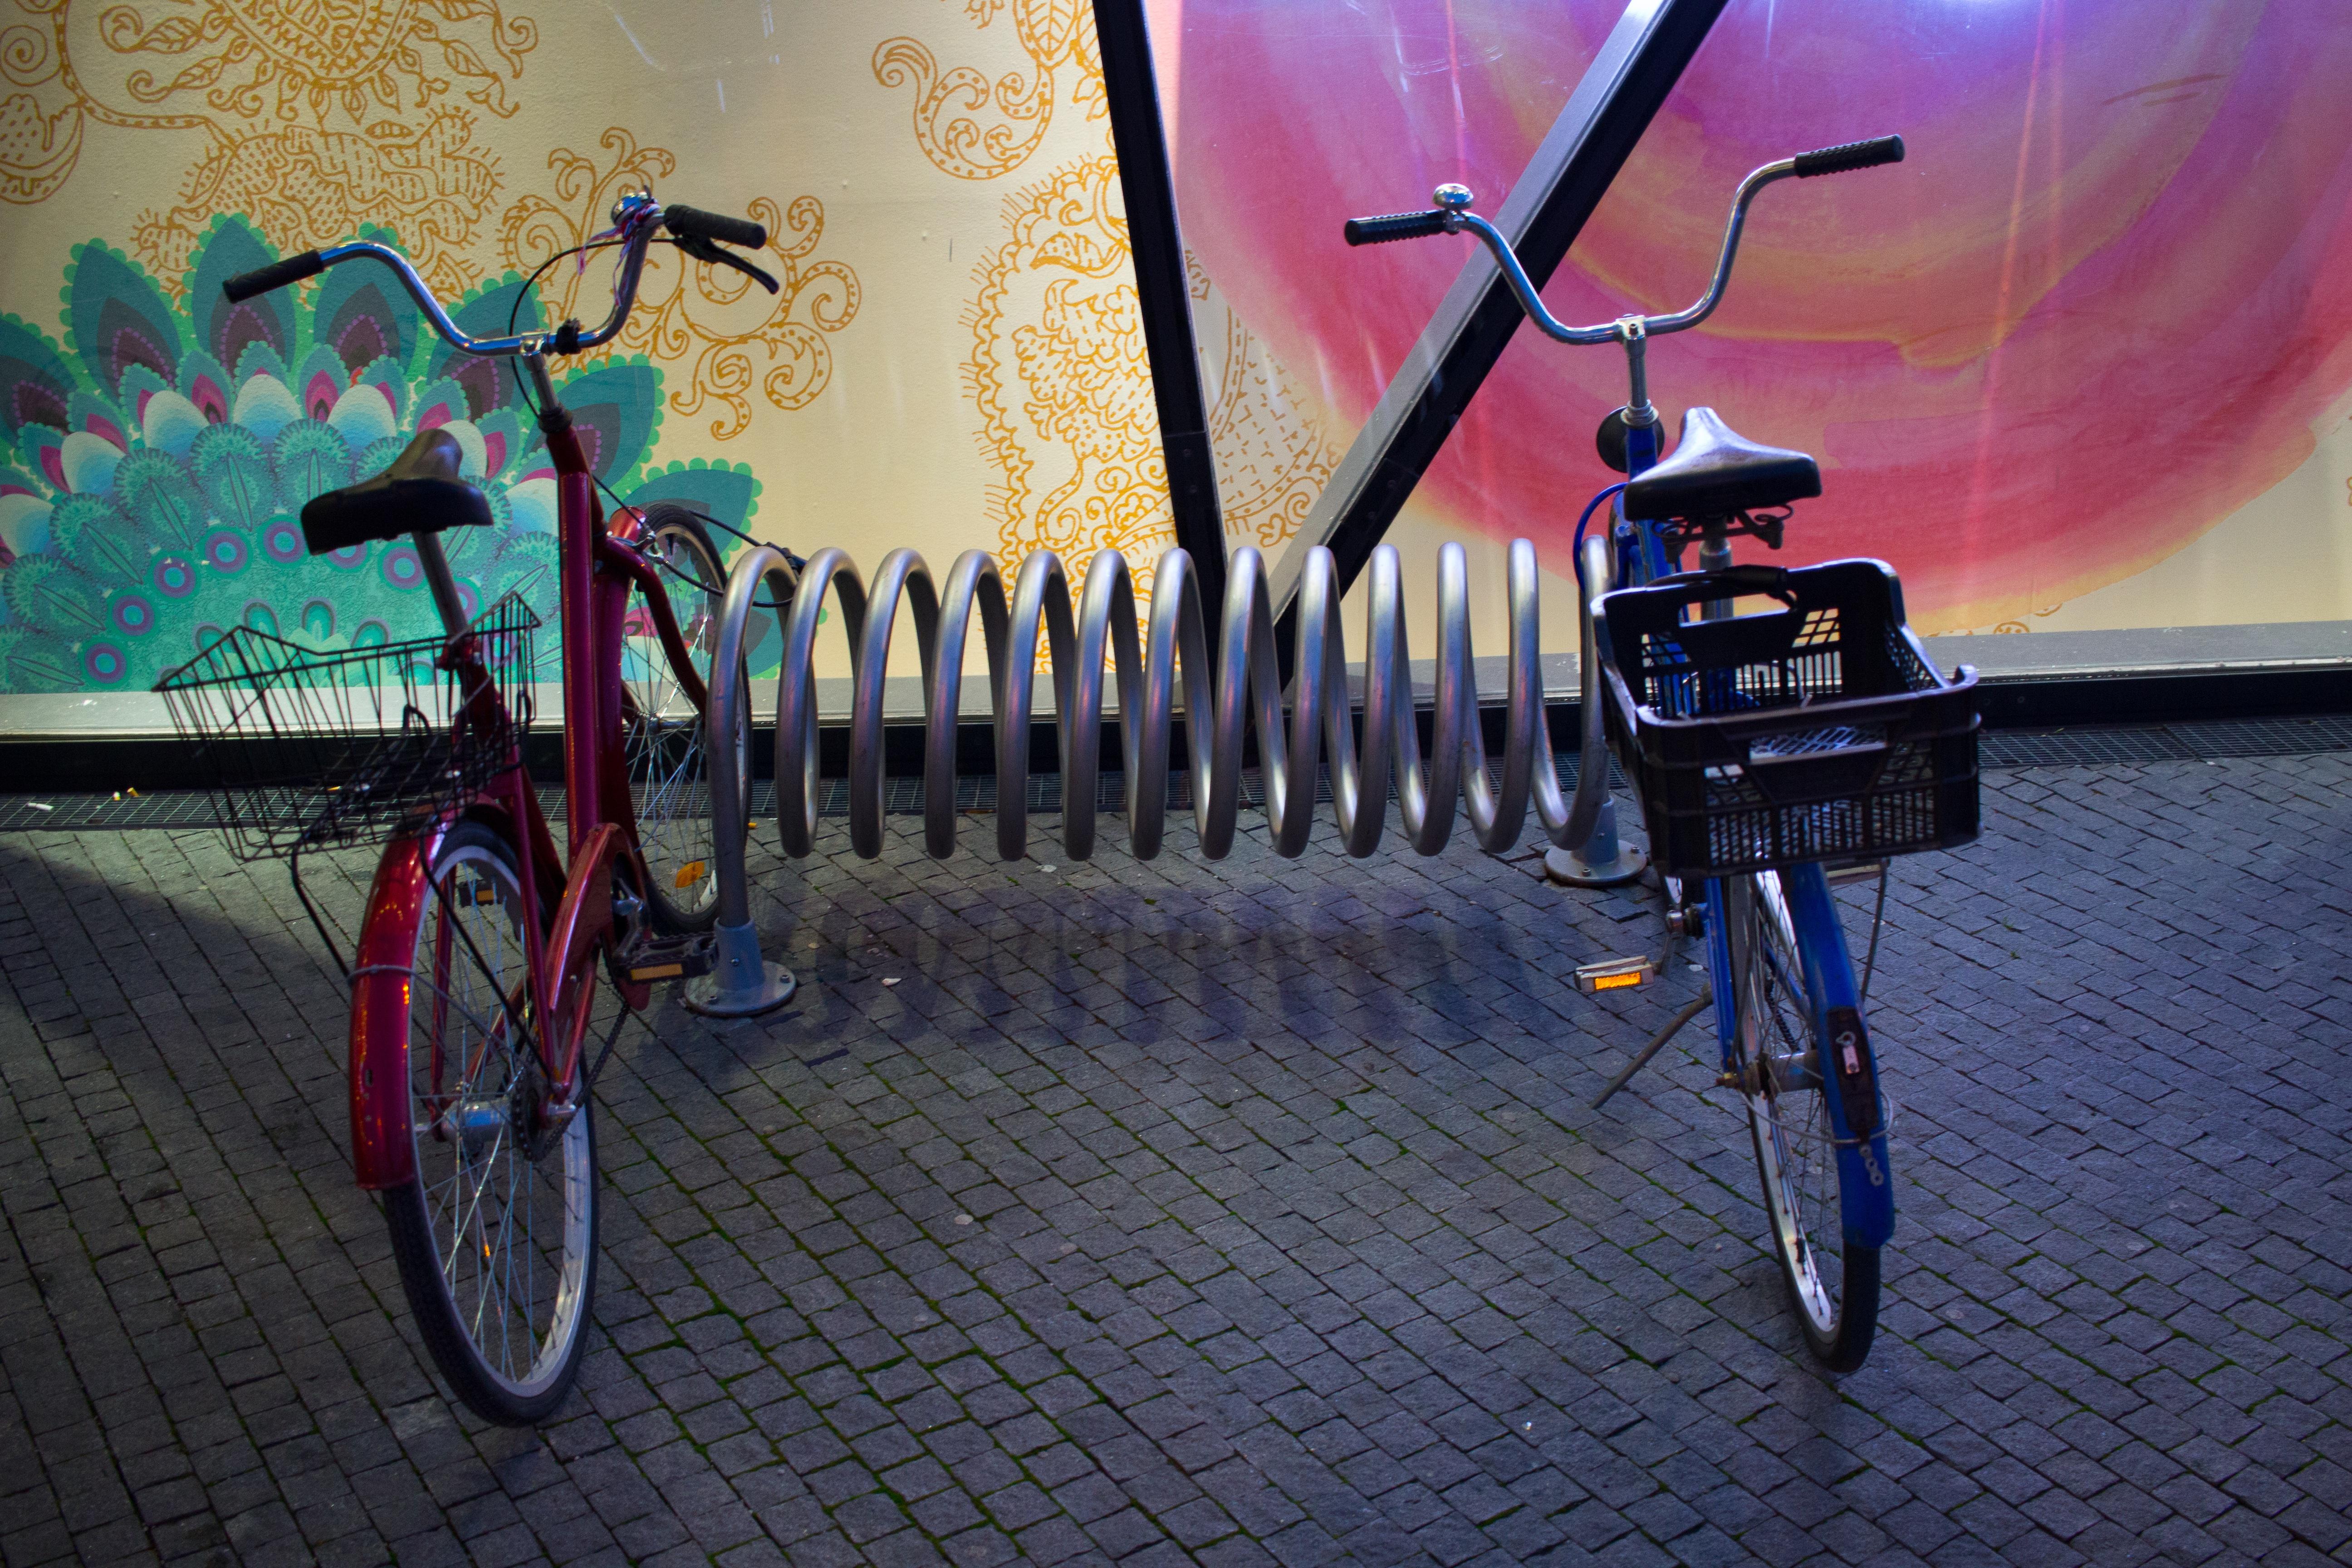 hình ảnh : Xe đạp, màu xanh da trời, thiết bị thể thao, Xe đất 5184x3456